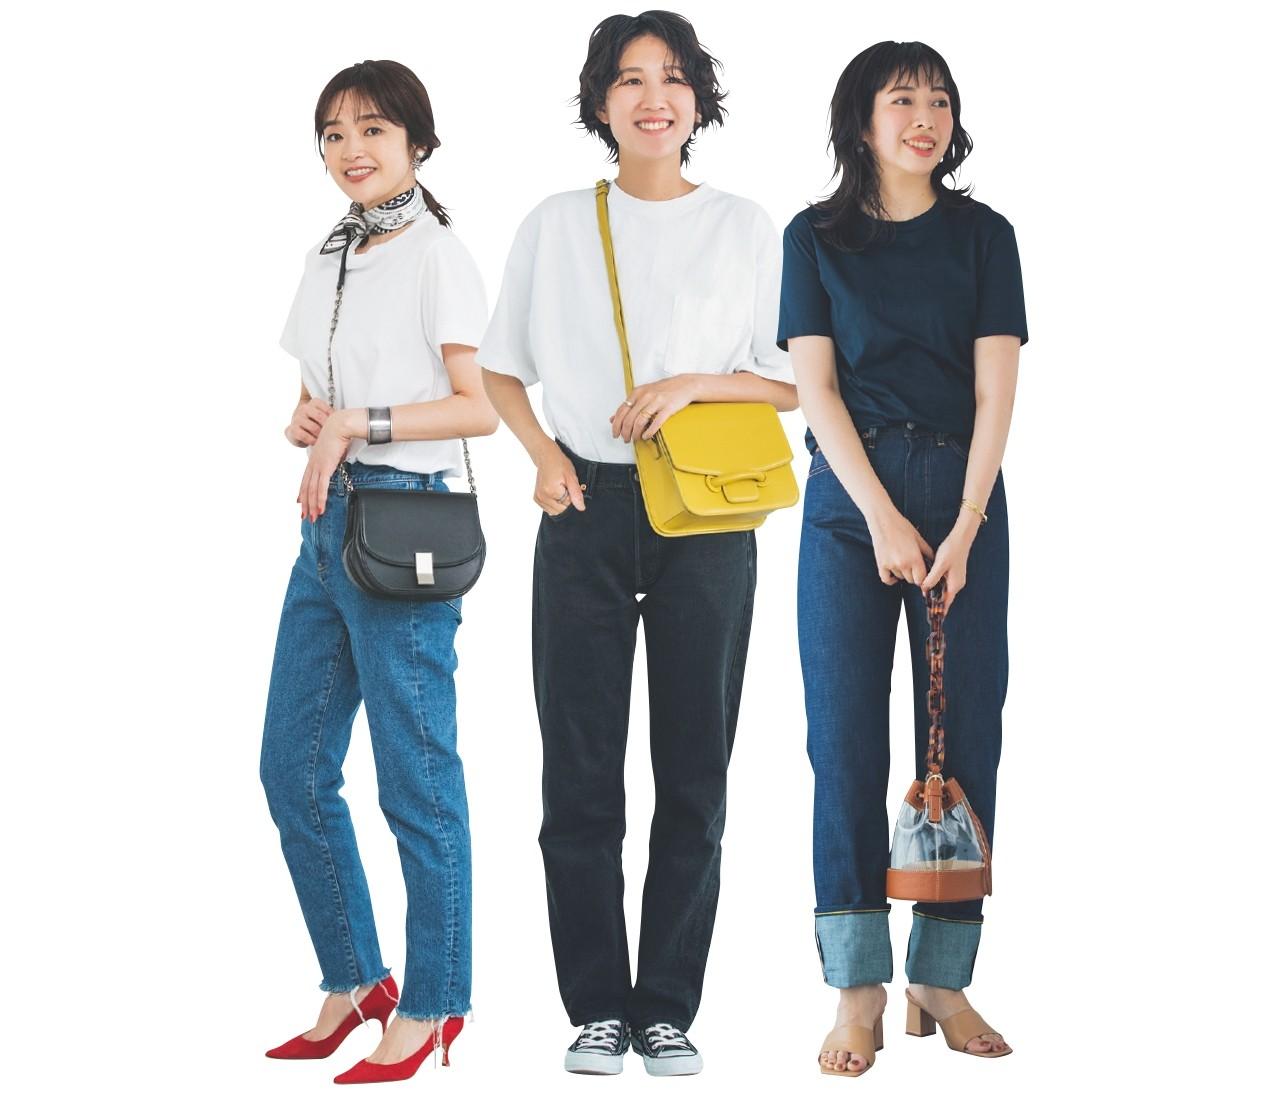 【30代女子の夏ファッションQ&A】おしゃれなTシャツ×デニムの着こなしは?